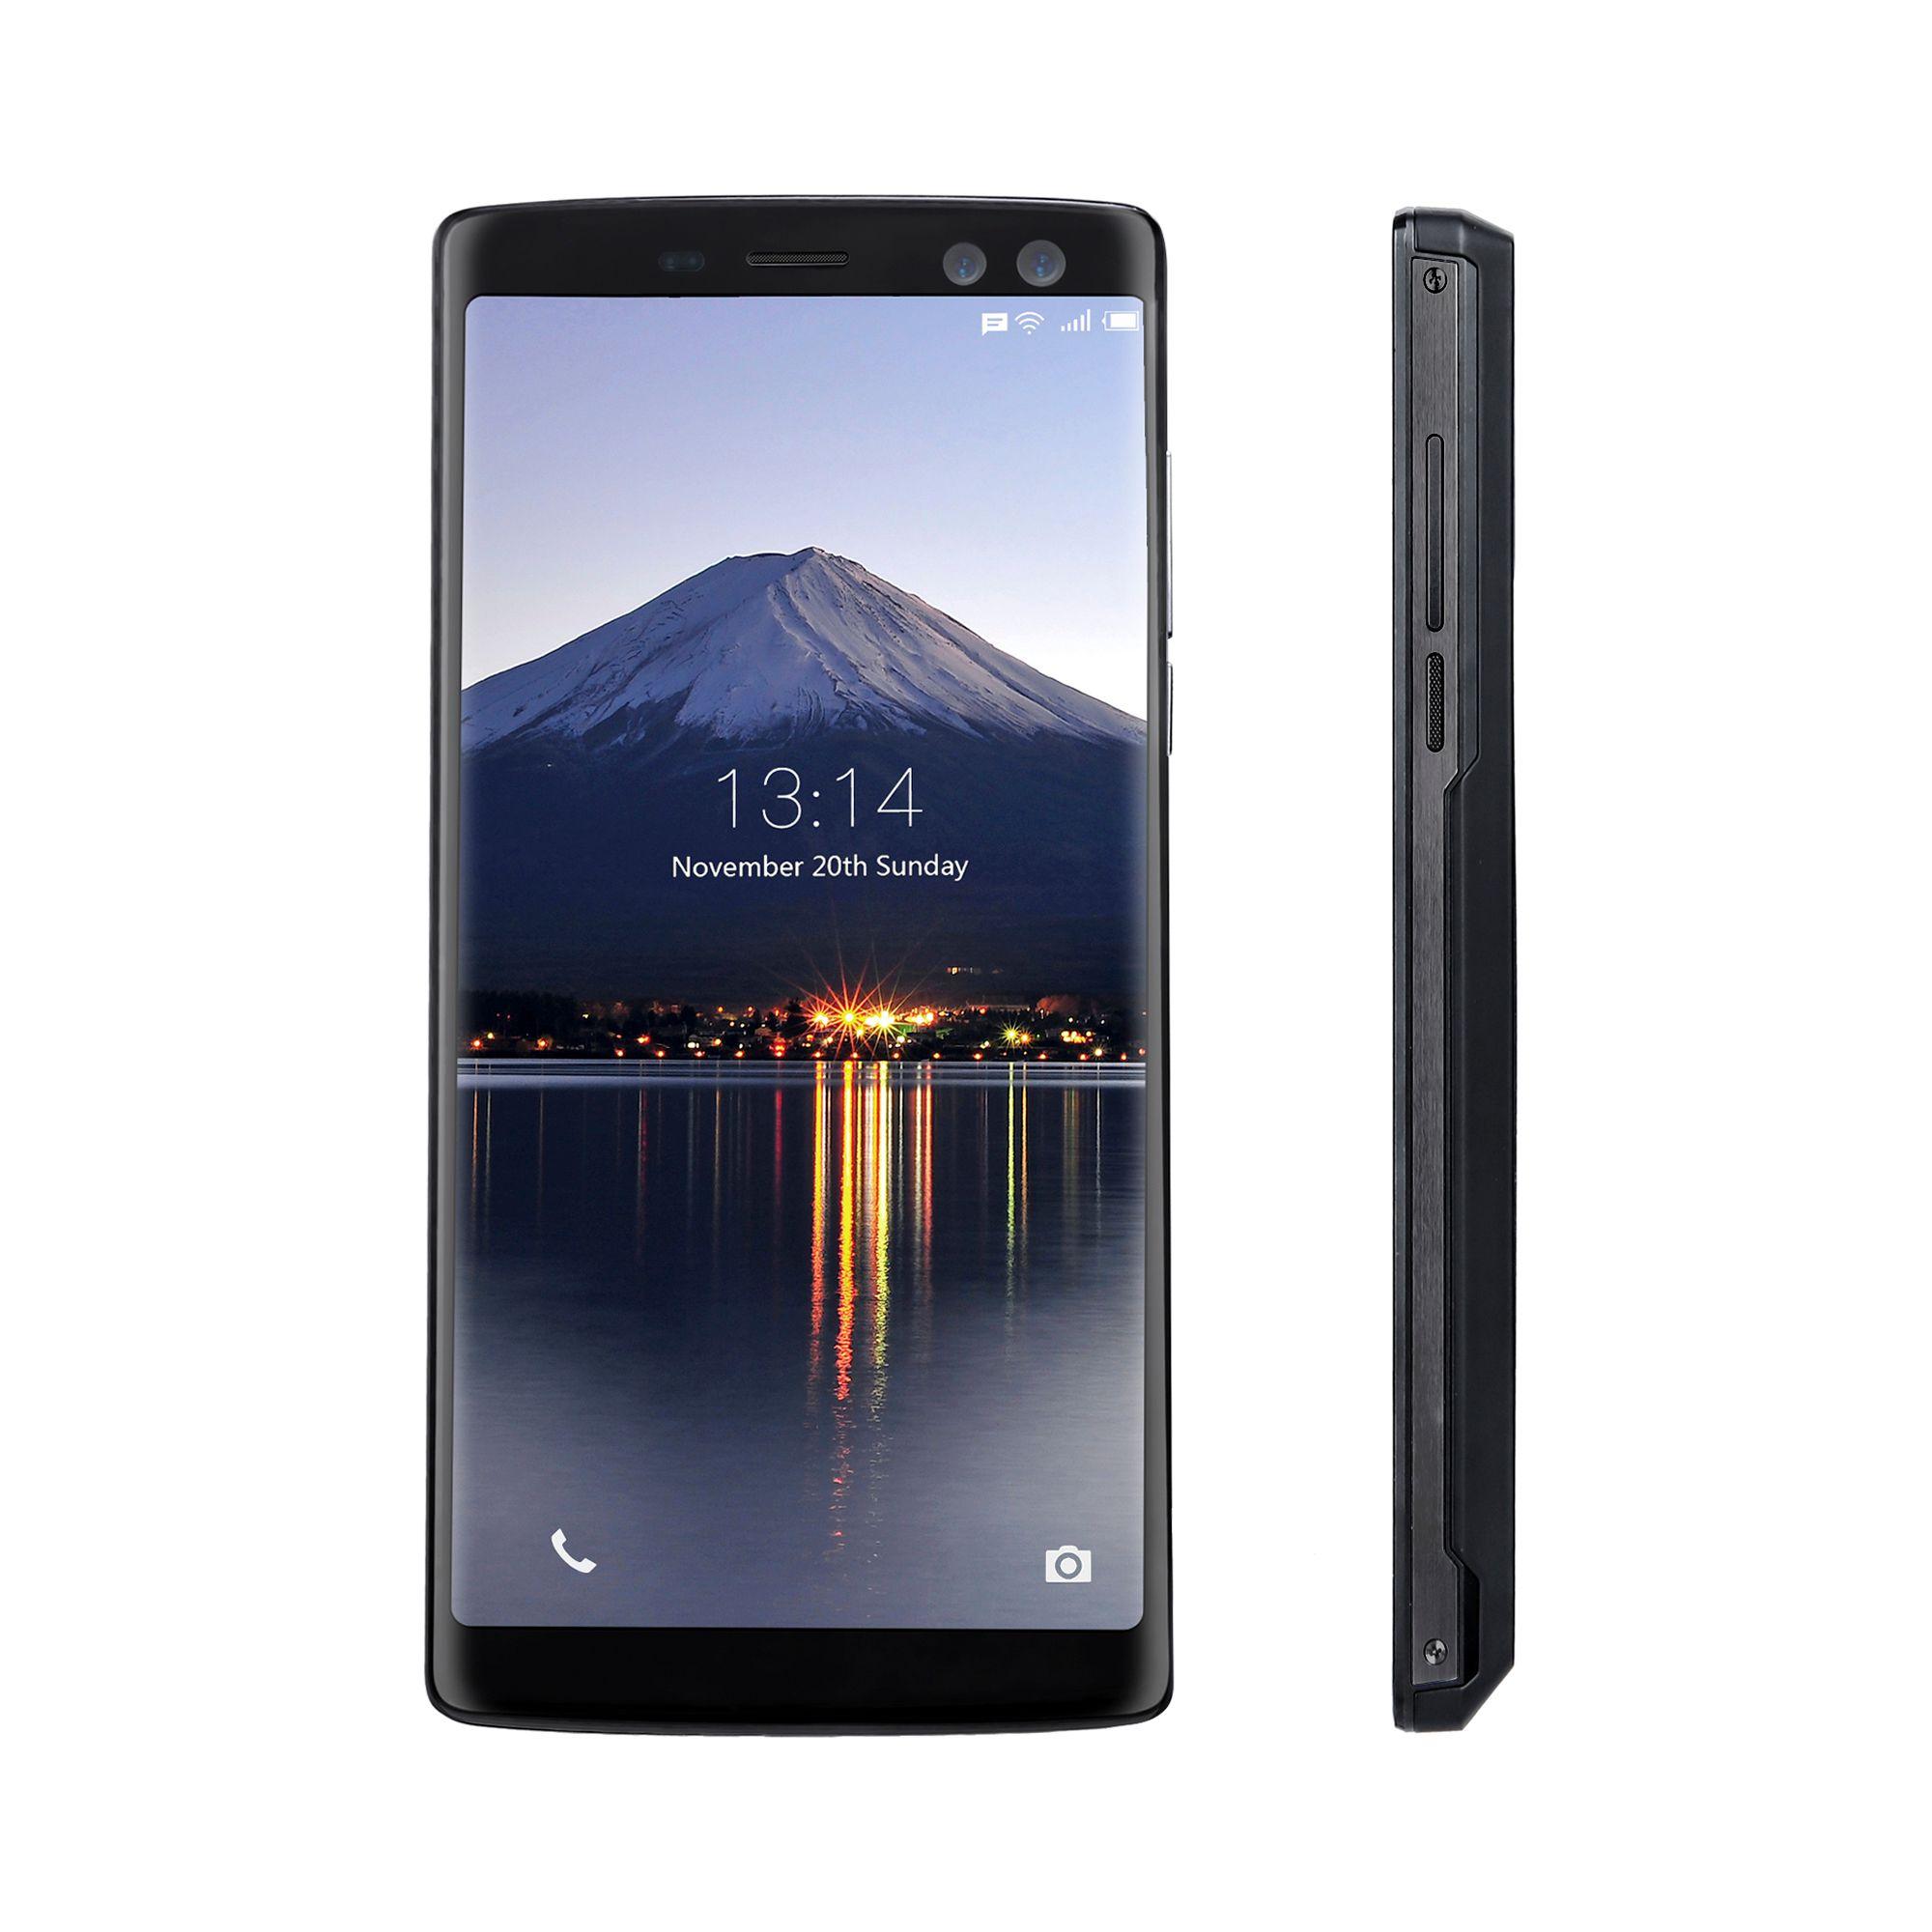 Smartphone Mit Guter Kamera Doogee Bl Octacore 4 Gb Ram 32 Gb Rom Android 7 0 Fingerabdruck 4g Dual Sim 6 0 Handy großhandel Handy Mit Guter Kamera Von